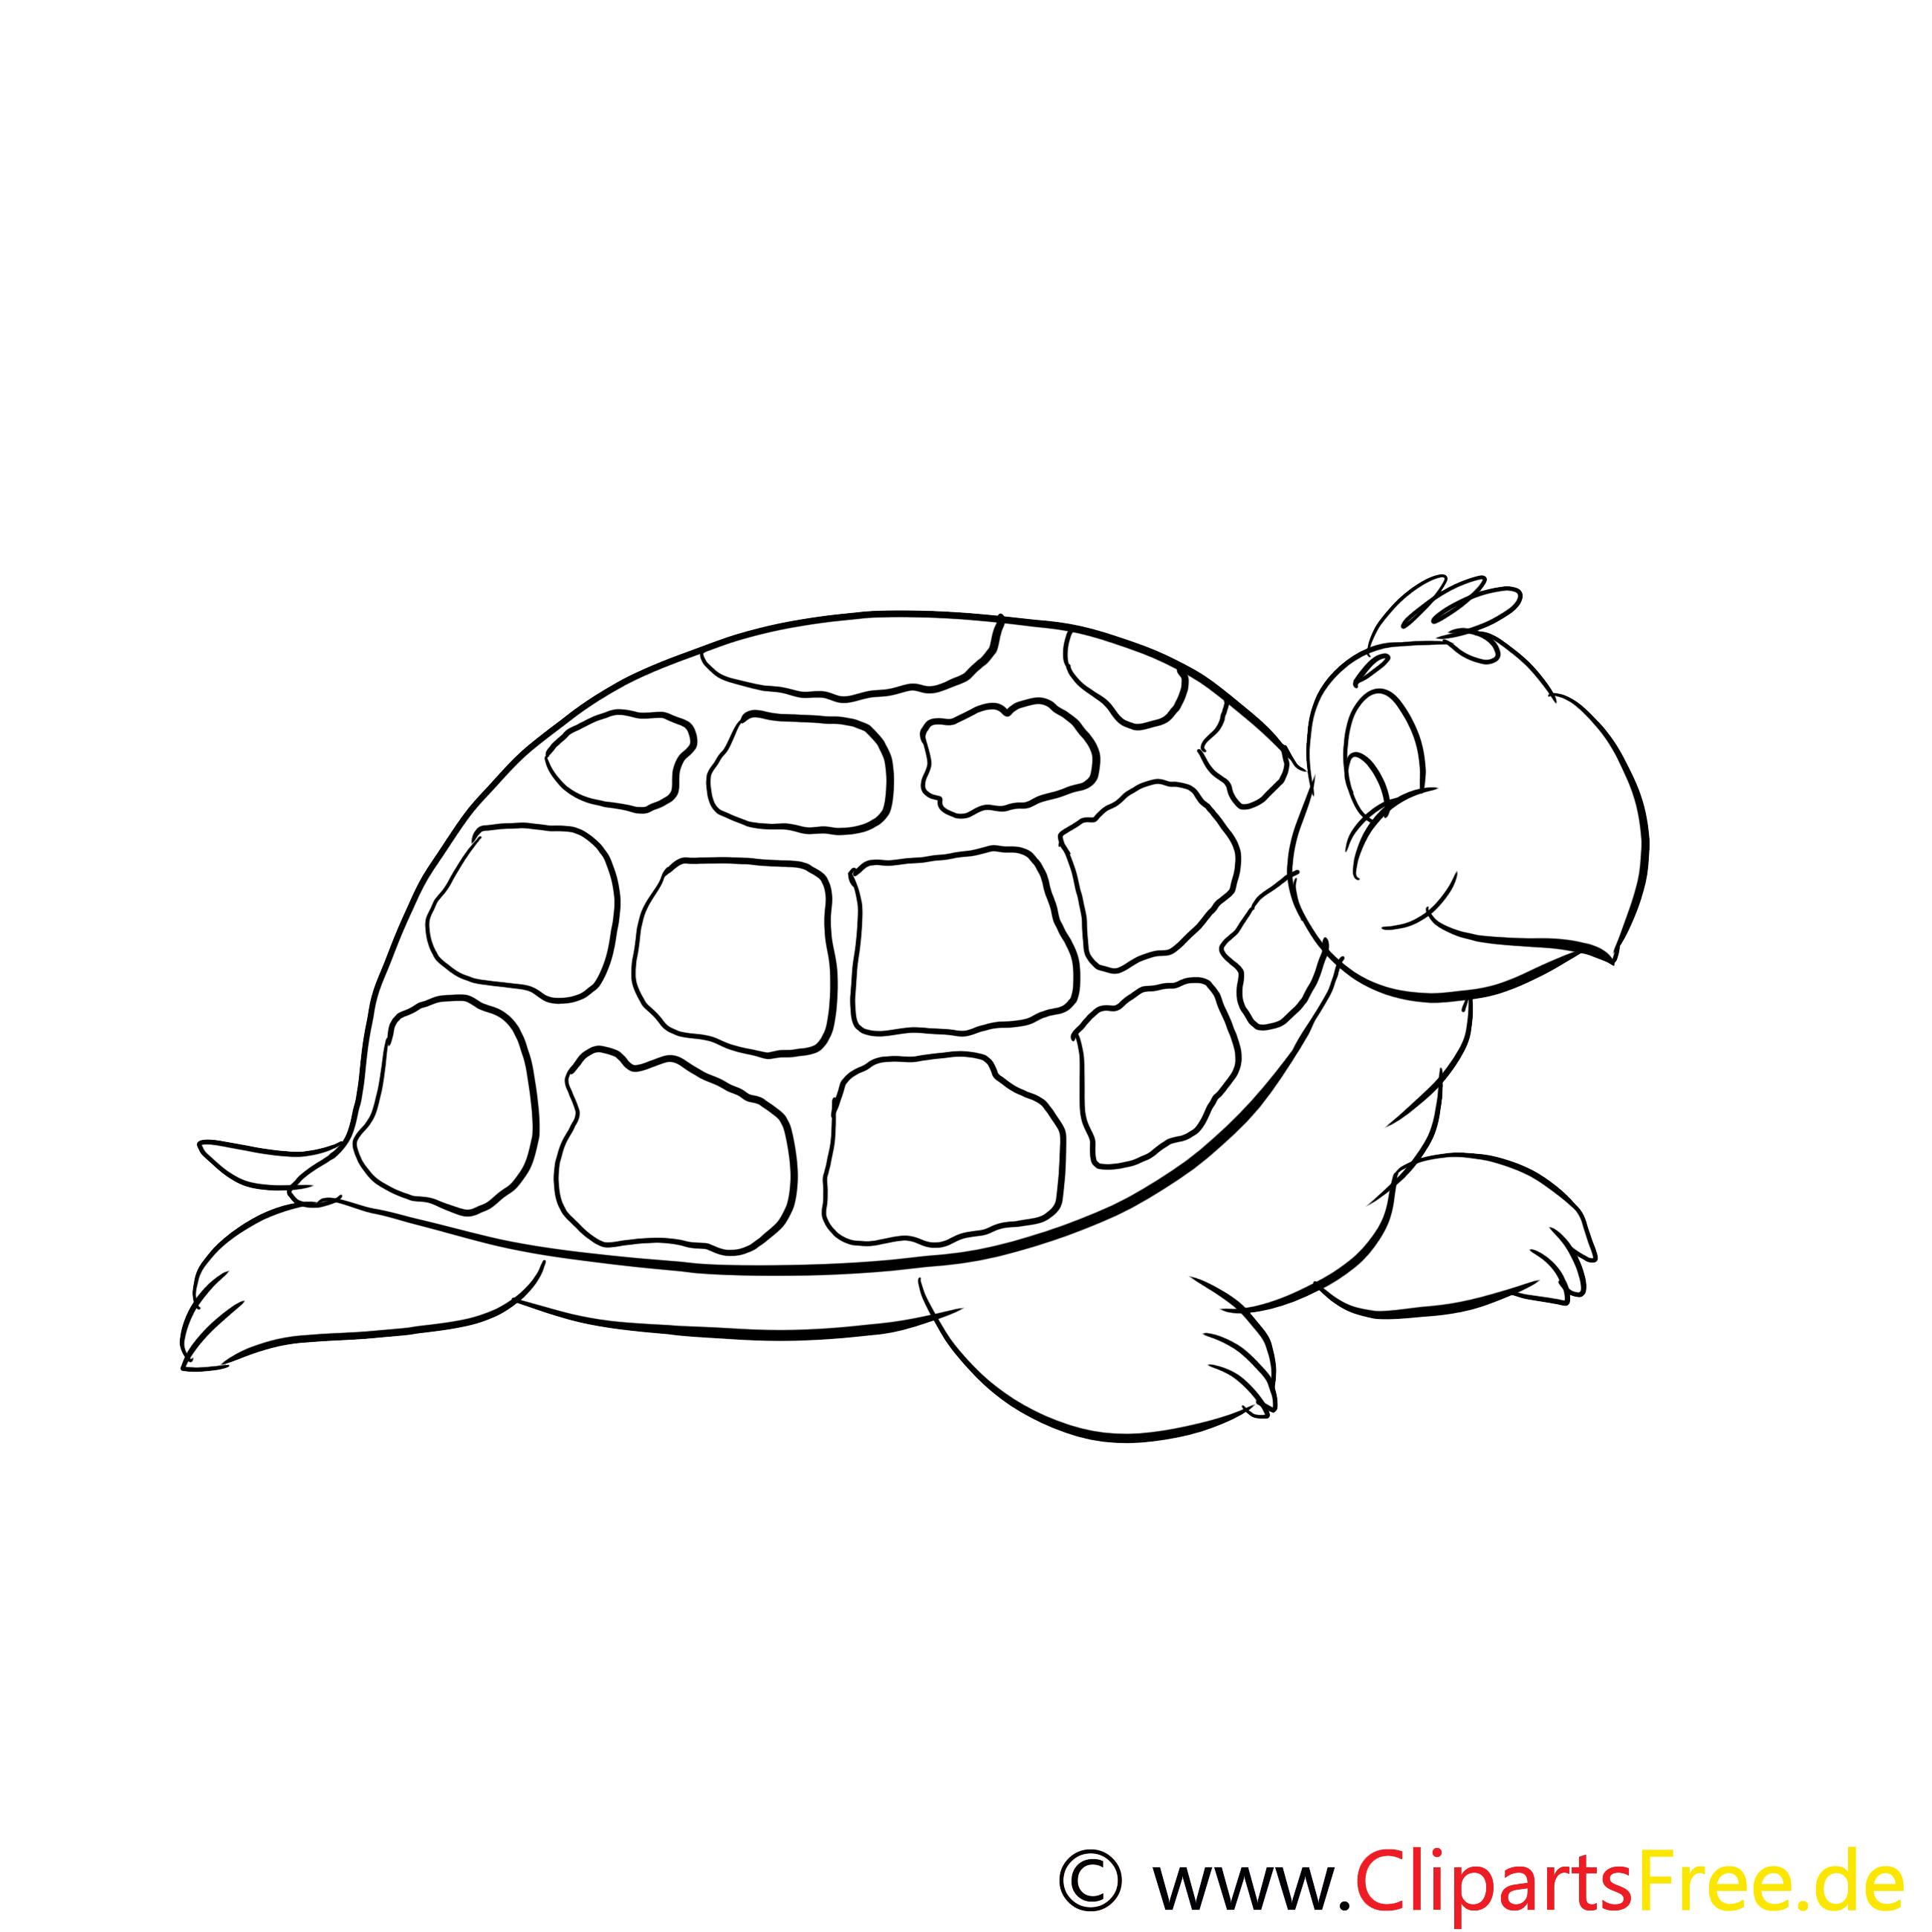 Coloriage tortue illustration à télécharger